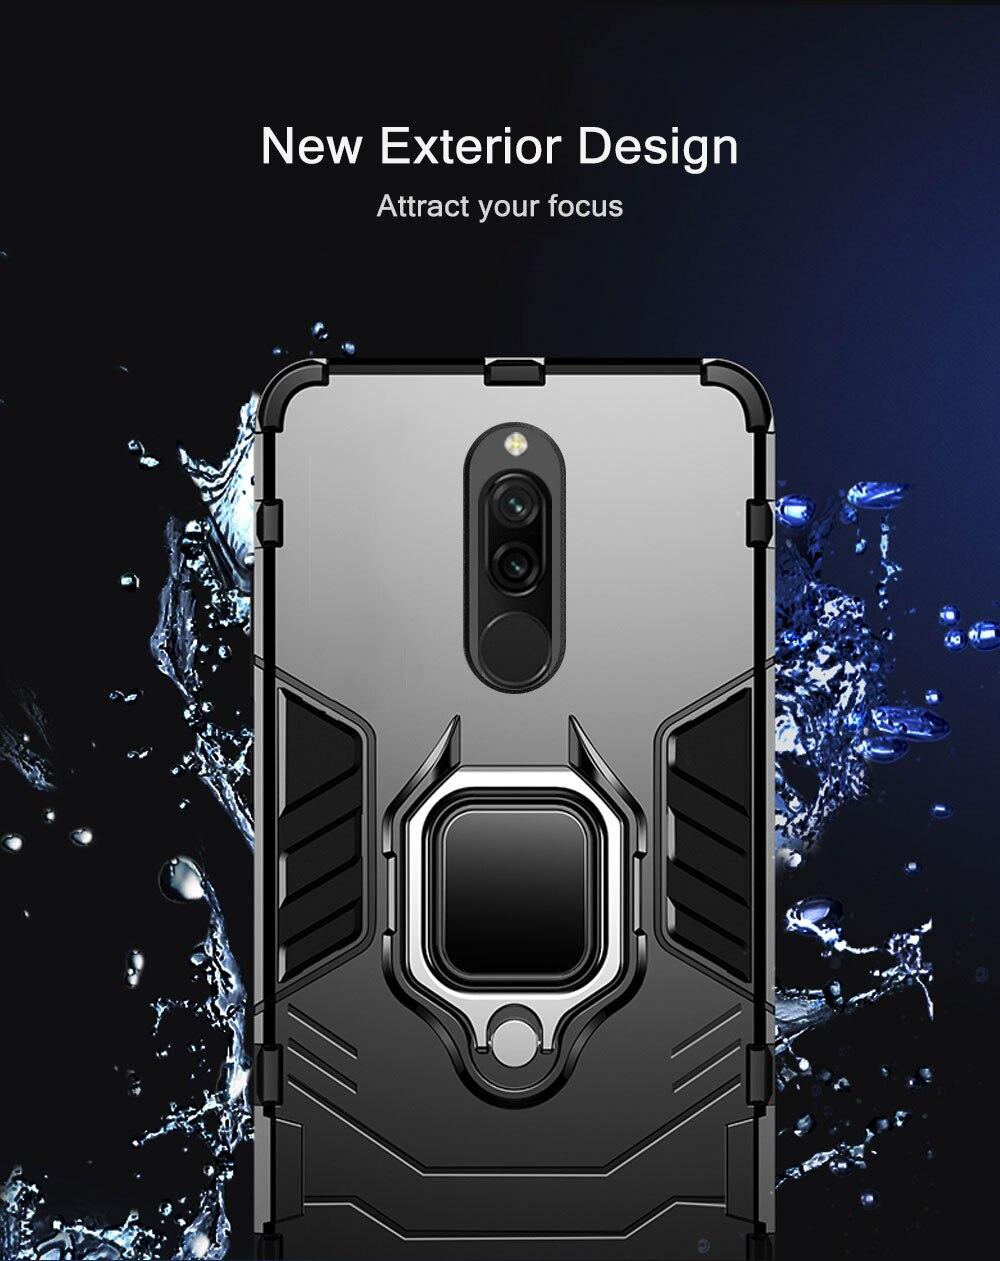 H725bc84233a44b2f8150000cd96185d17 Armor Case for Redmi 8 8A Case Magnetic Car Phone Holder TPU+PC Bumper Cover on for Xiaomi Redmi 8 8A 8 A Global Version Case